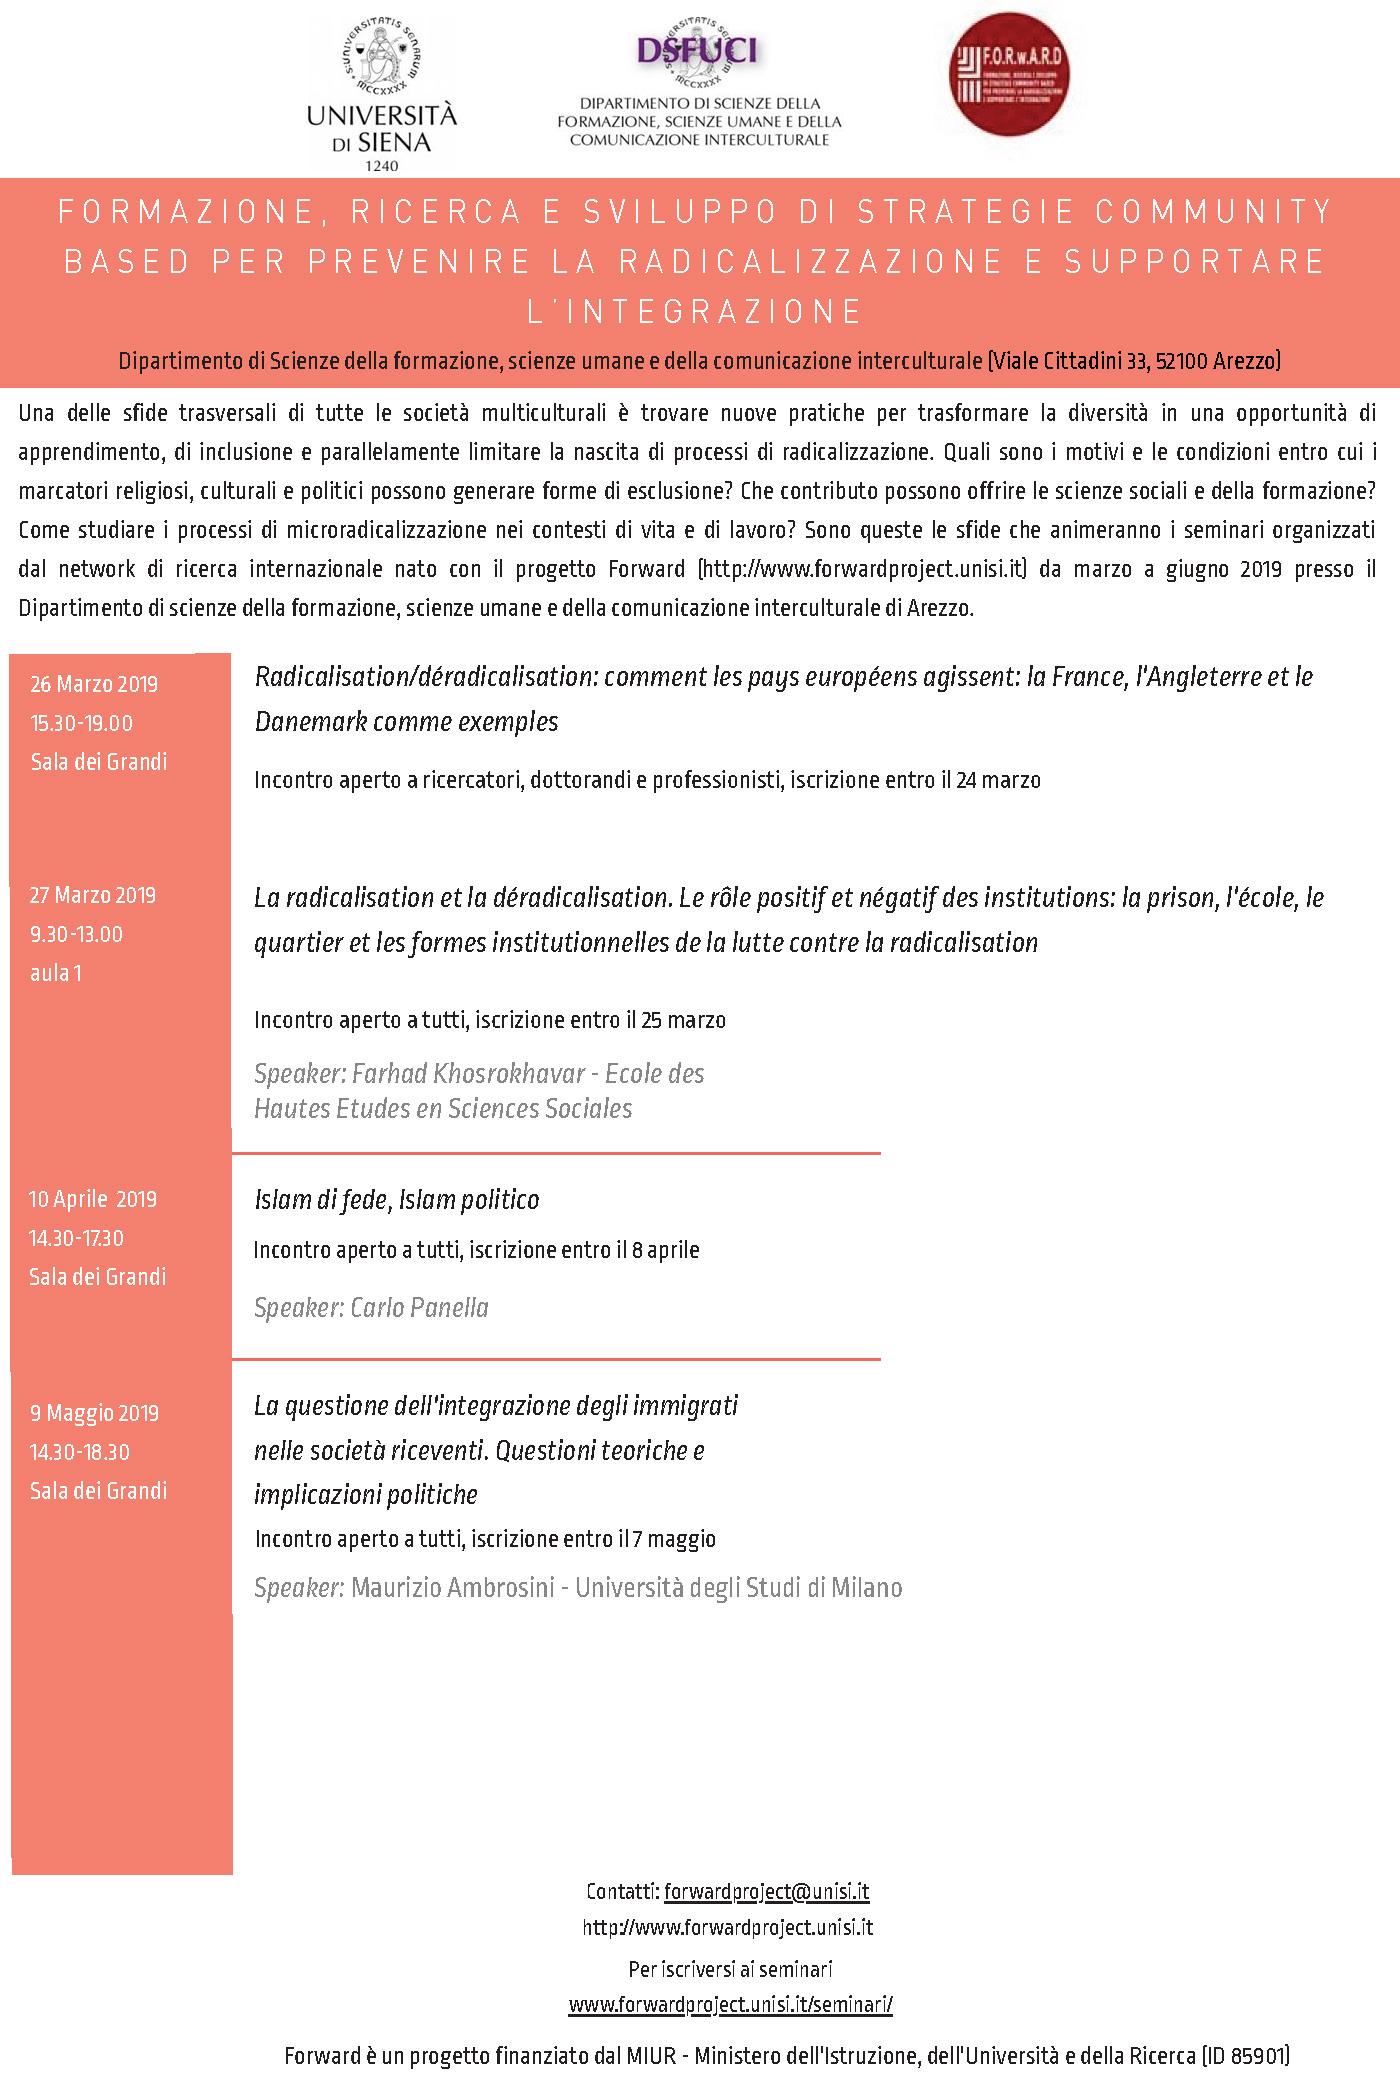 """Seminari """"Formazione, ricerca e sviluppo di strategie community based per prevenire la radicalizzazione e supportare l'integrazione"""" – marzo-giugno, Arezzo"""